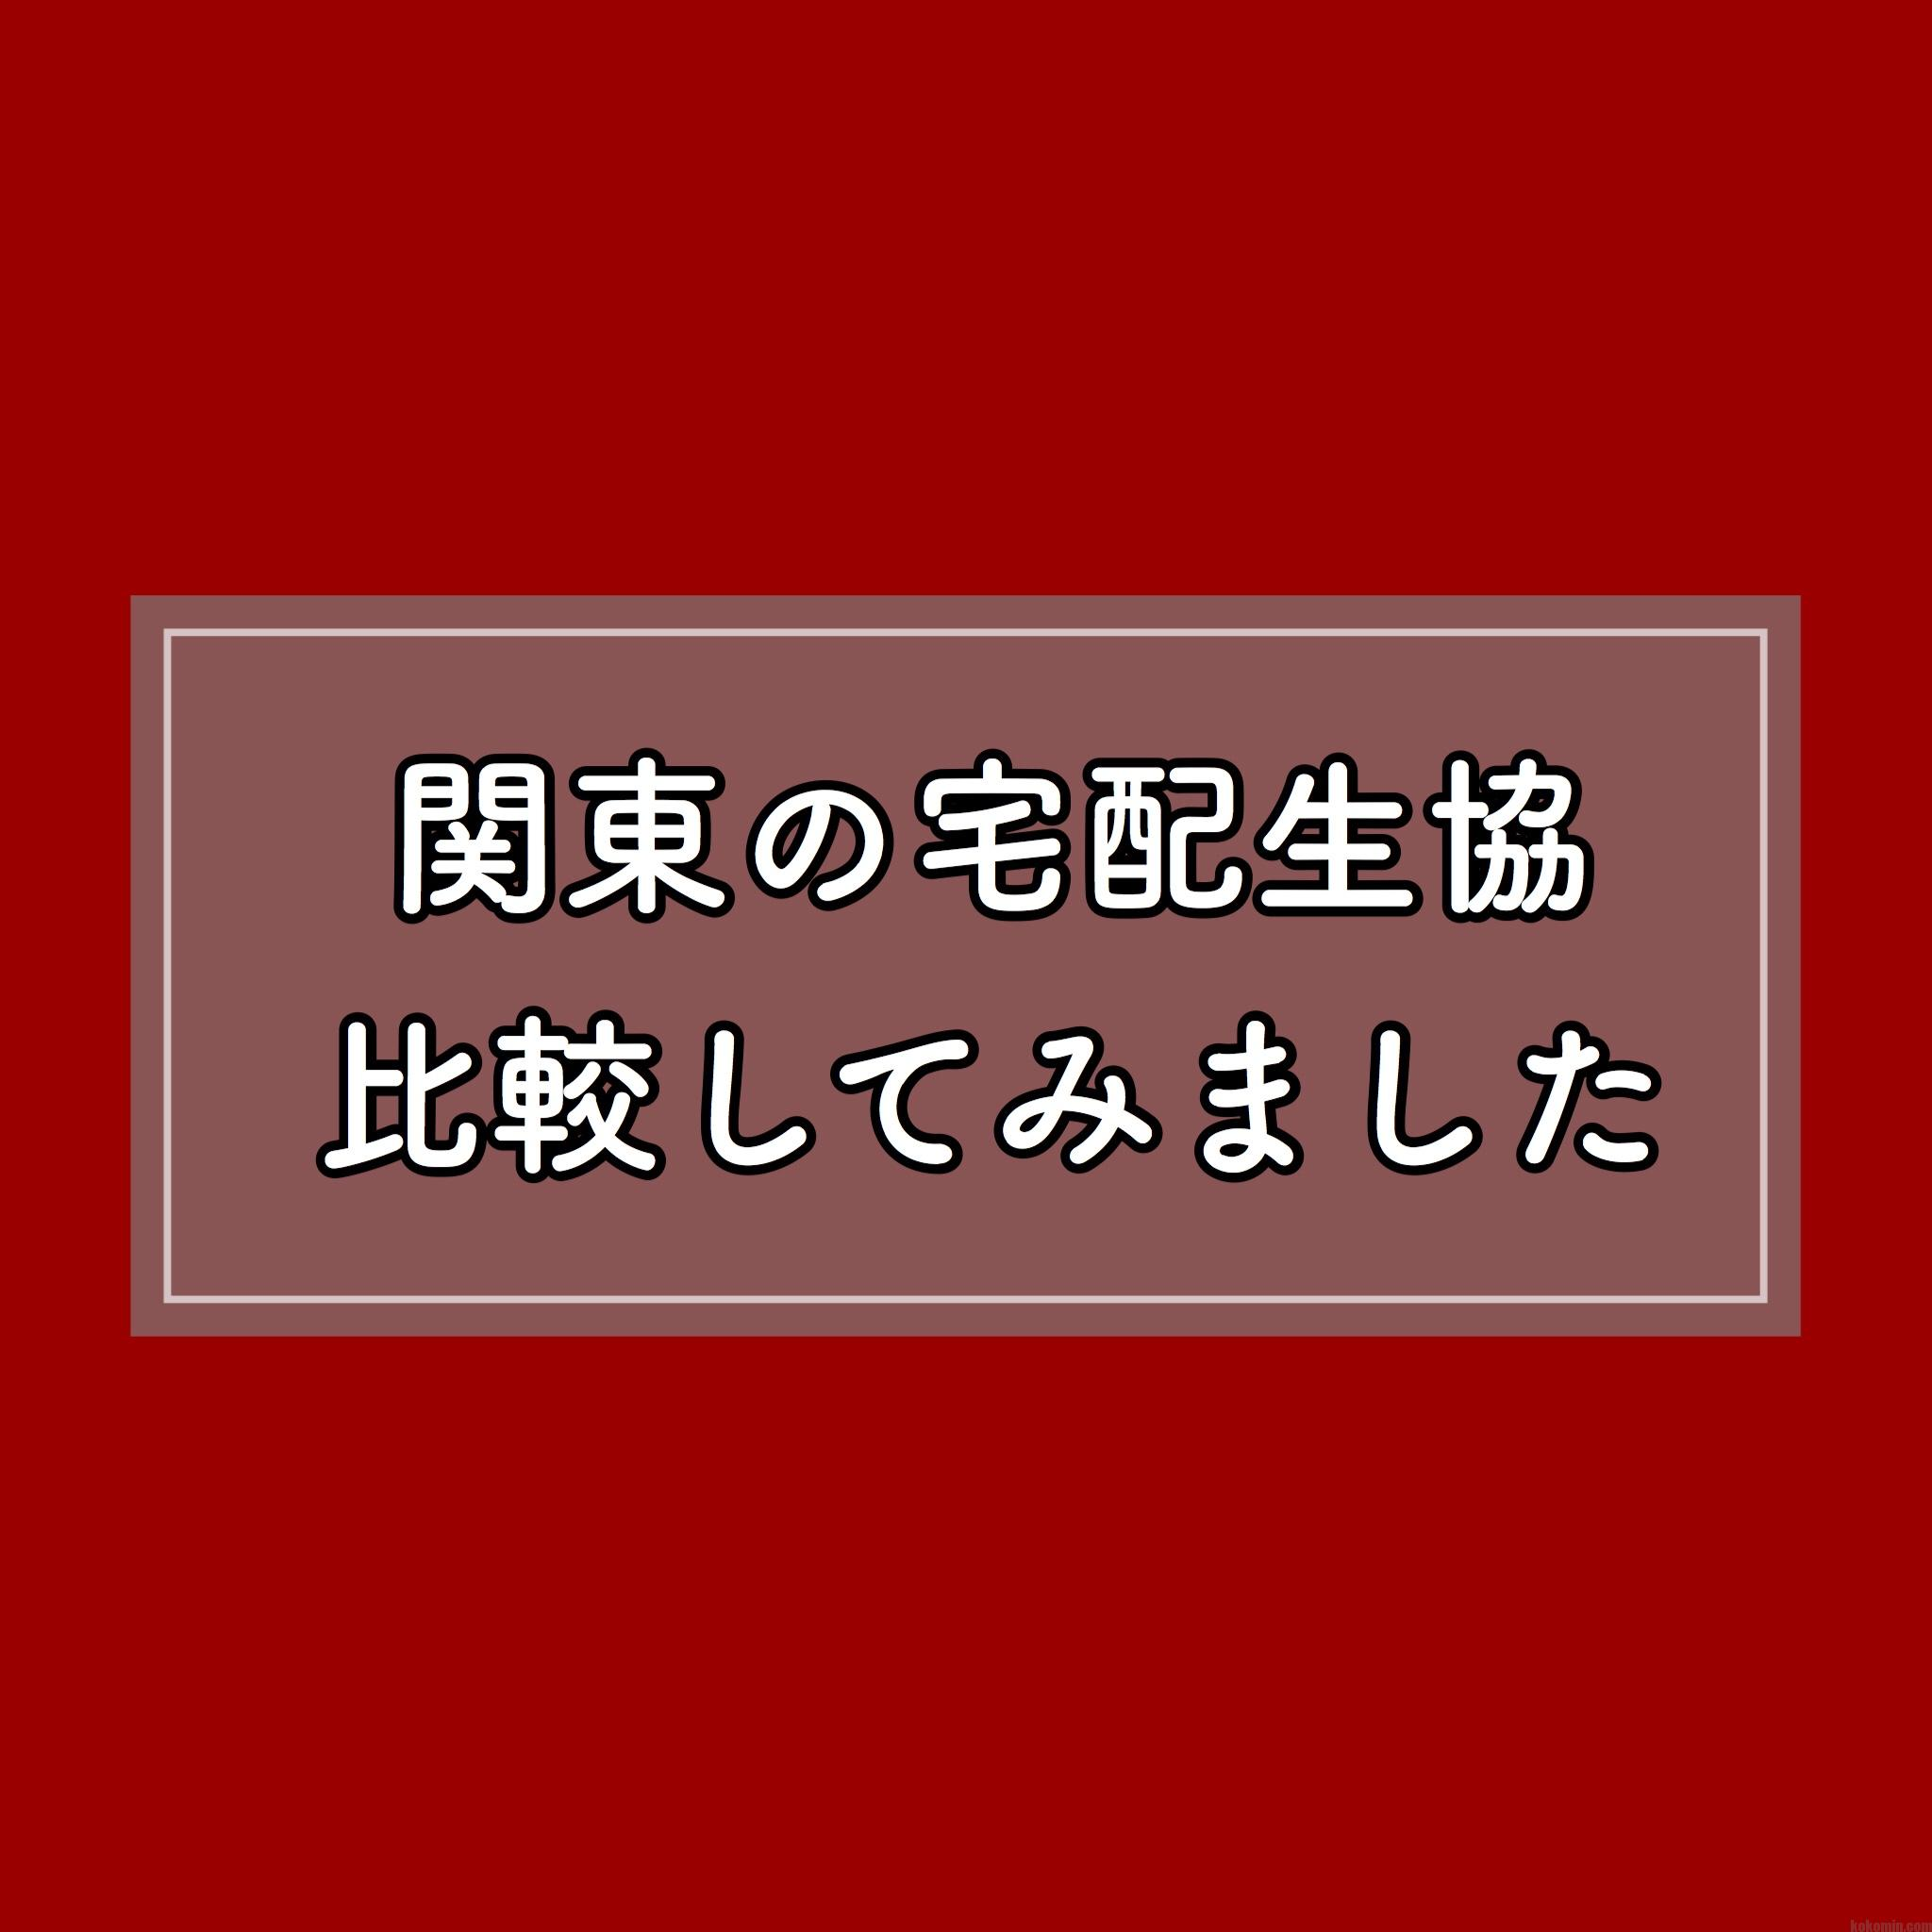 関東の宅配生協 比較 パルシステム おうちコープ コープデリ 生活クラブ 比較 2018